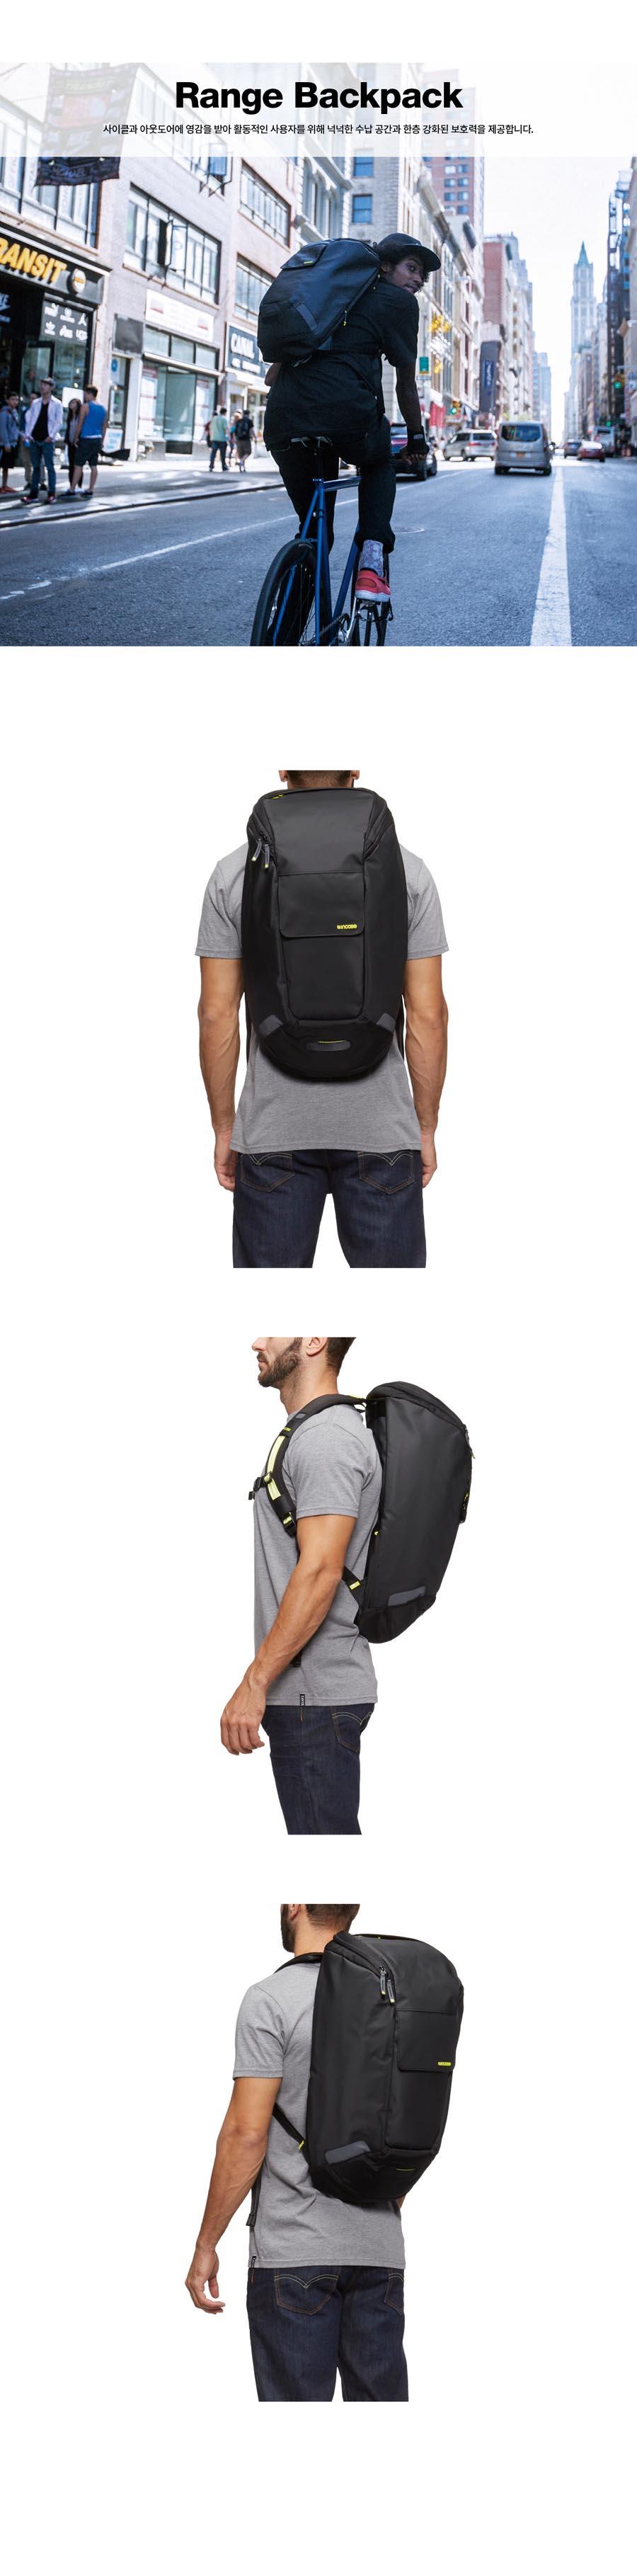 인케이스(INCASE) Range Backpack CL55540 (Black/Lumen)